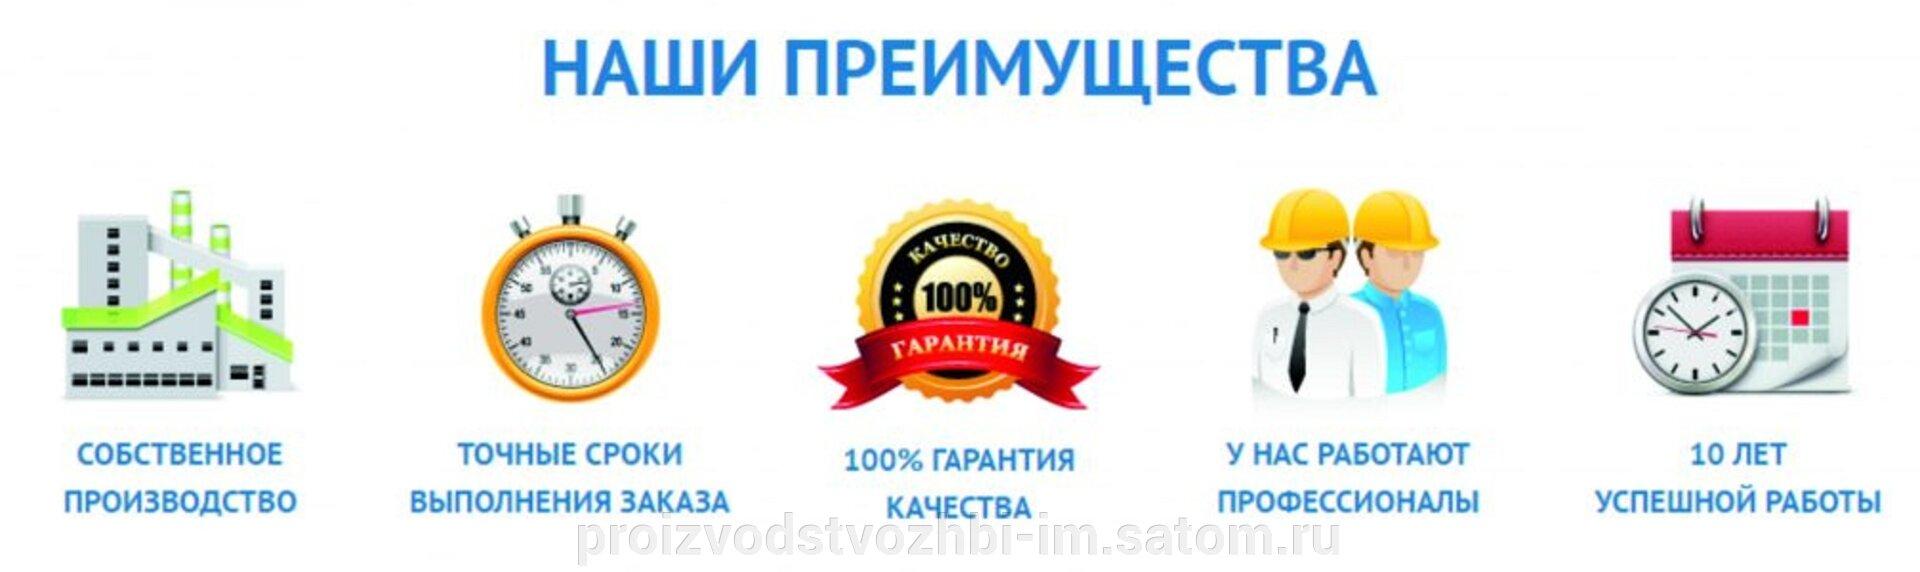 Прикромочные лотки - фото pic_1f2ceb203356e2888ea524bf5a64cbe1_1920x9000_1.jpg